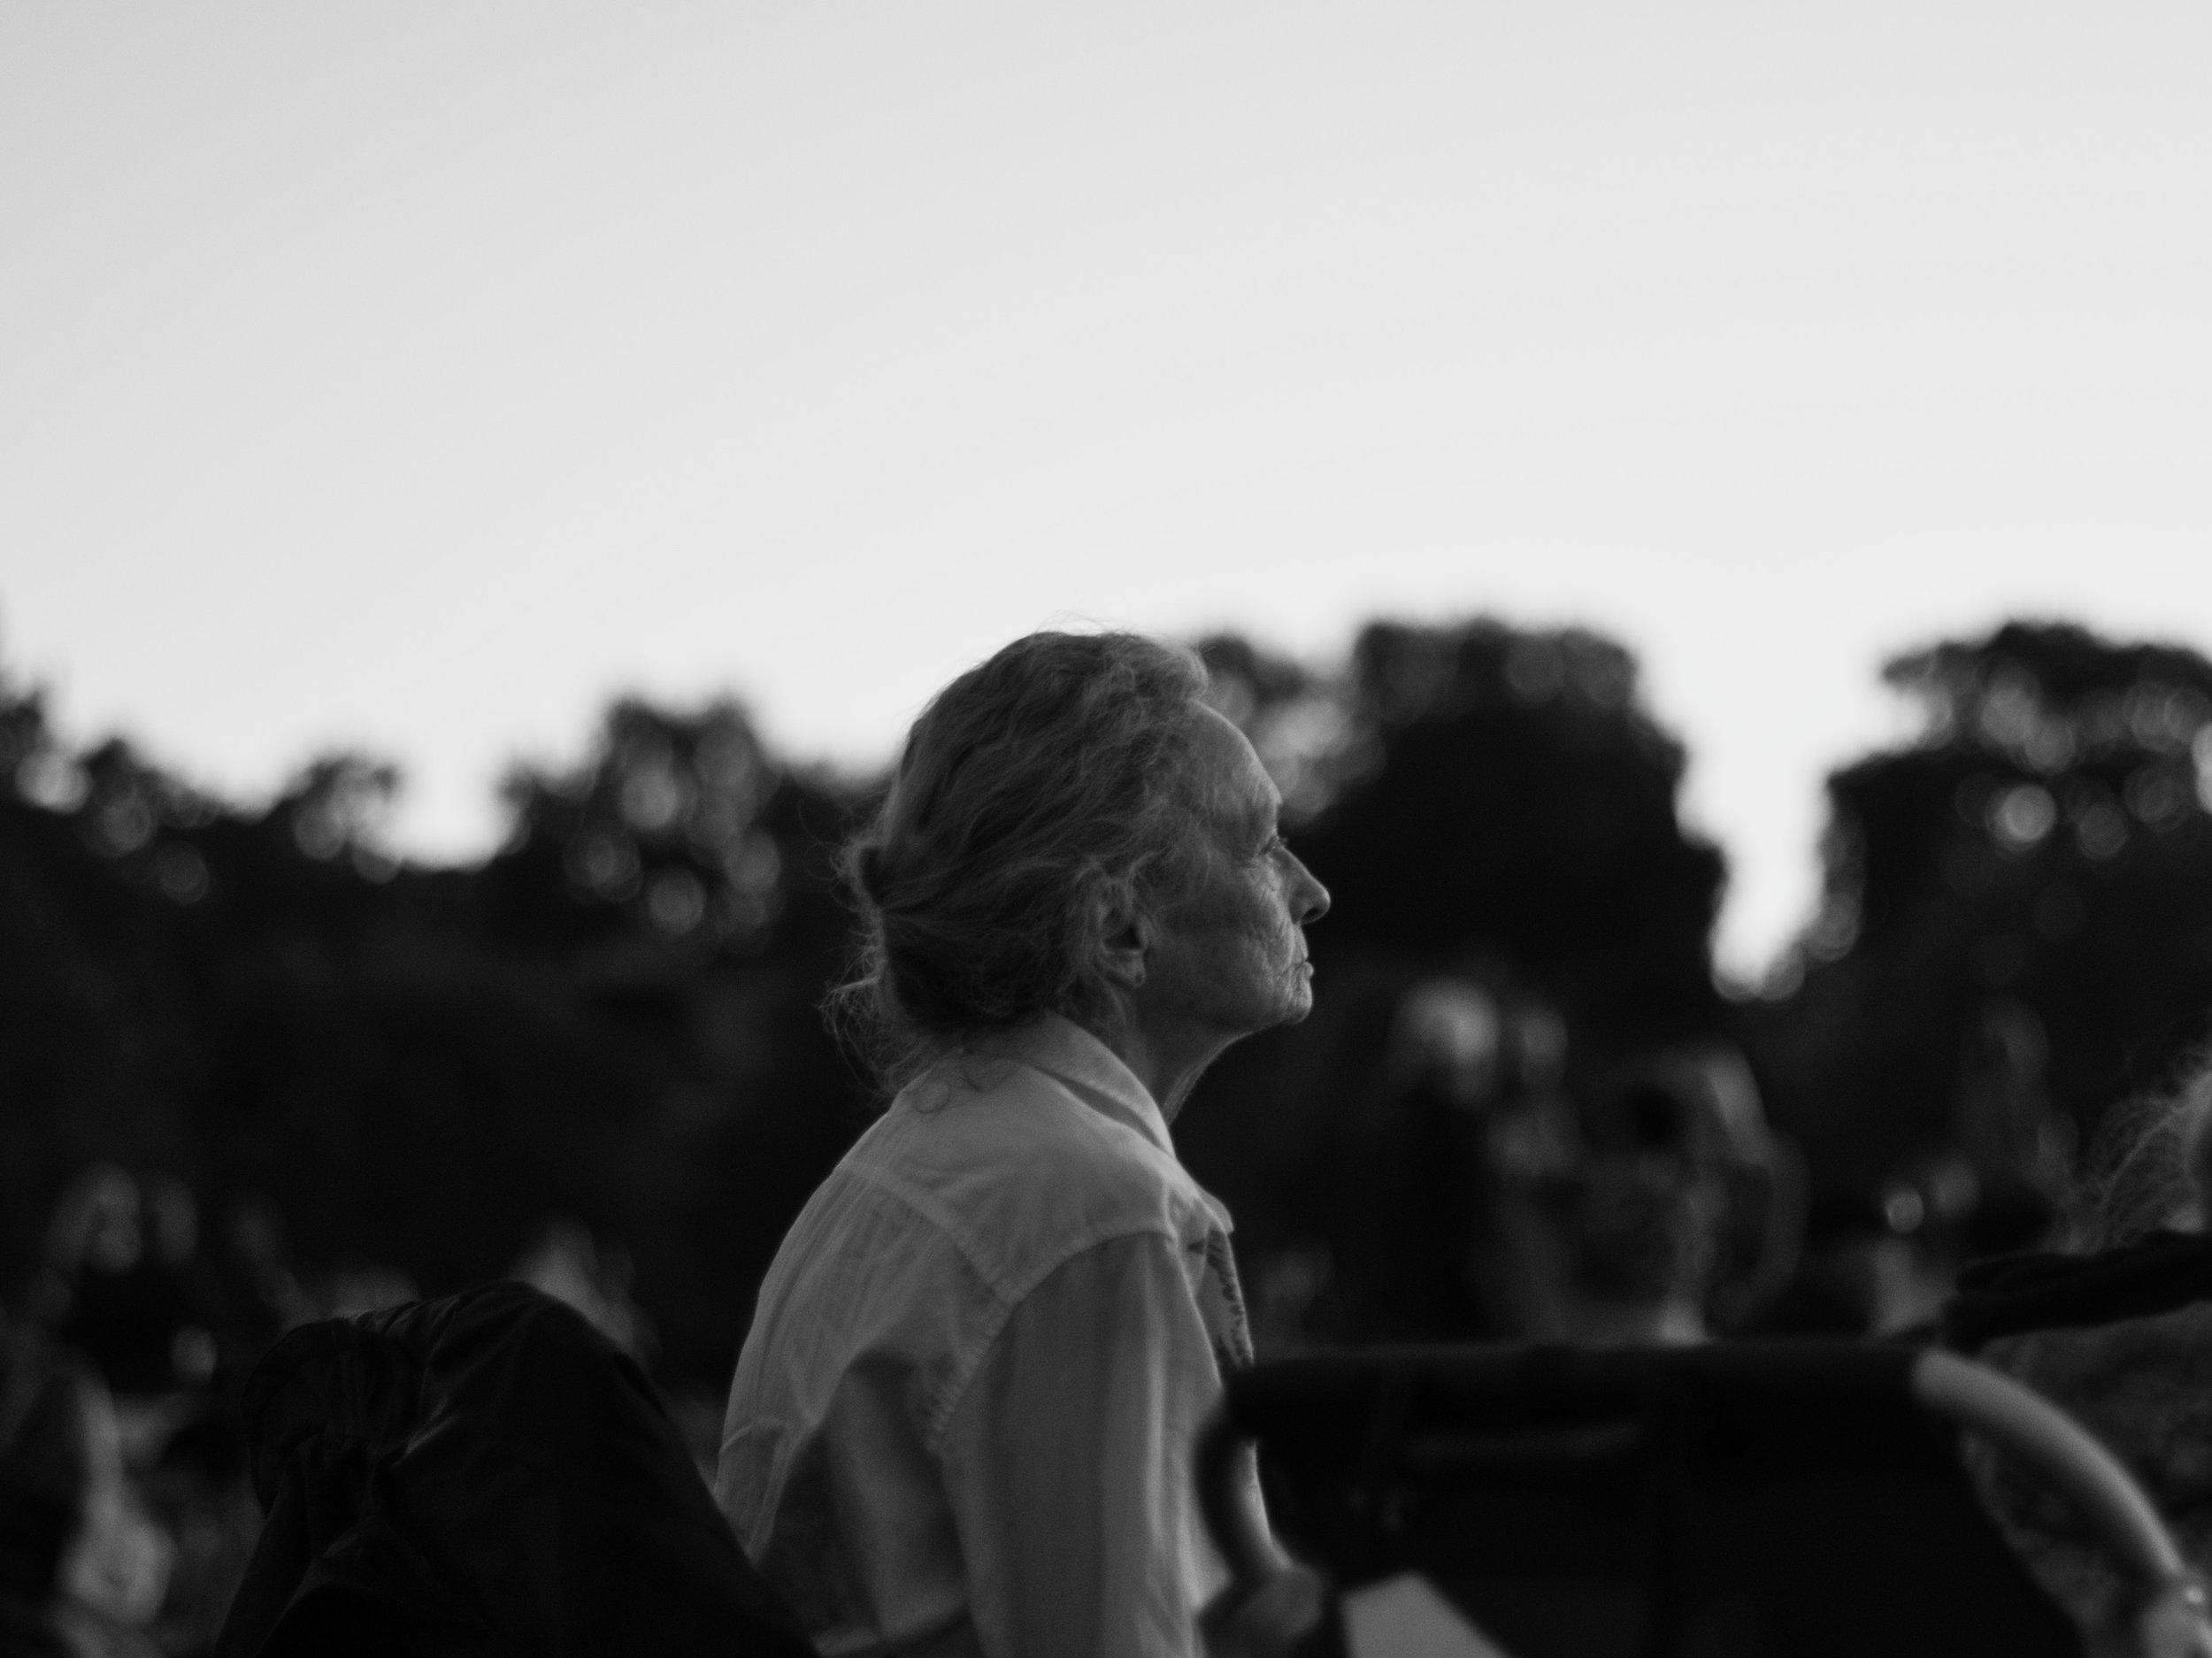 adult-black-and-white-elderly-1389589.jpg